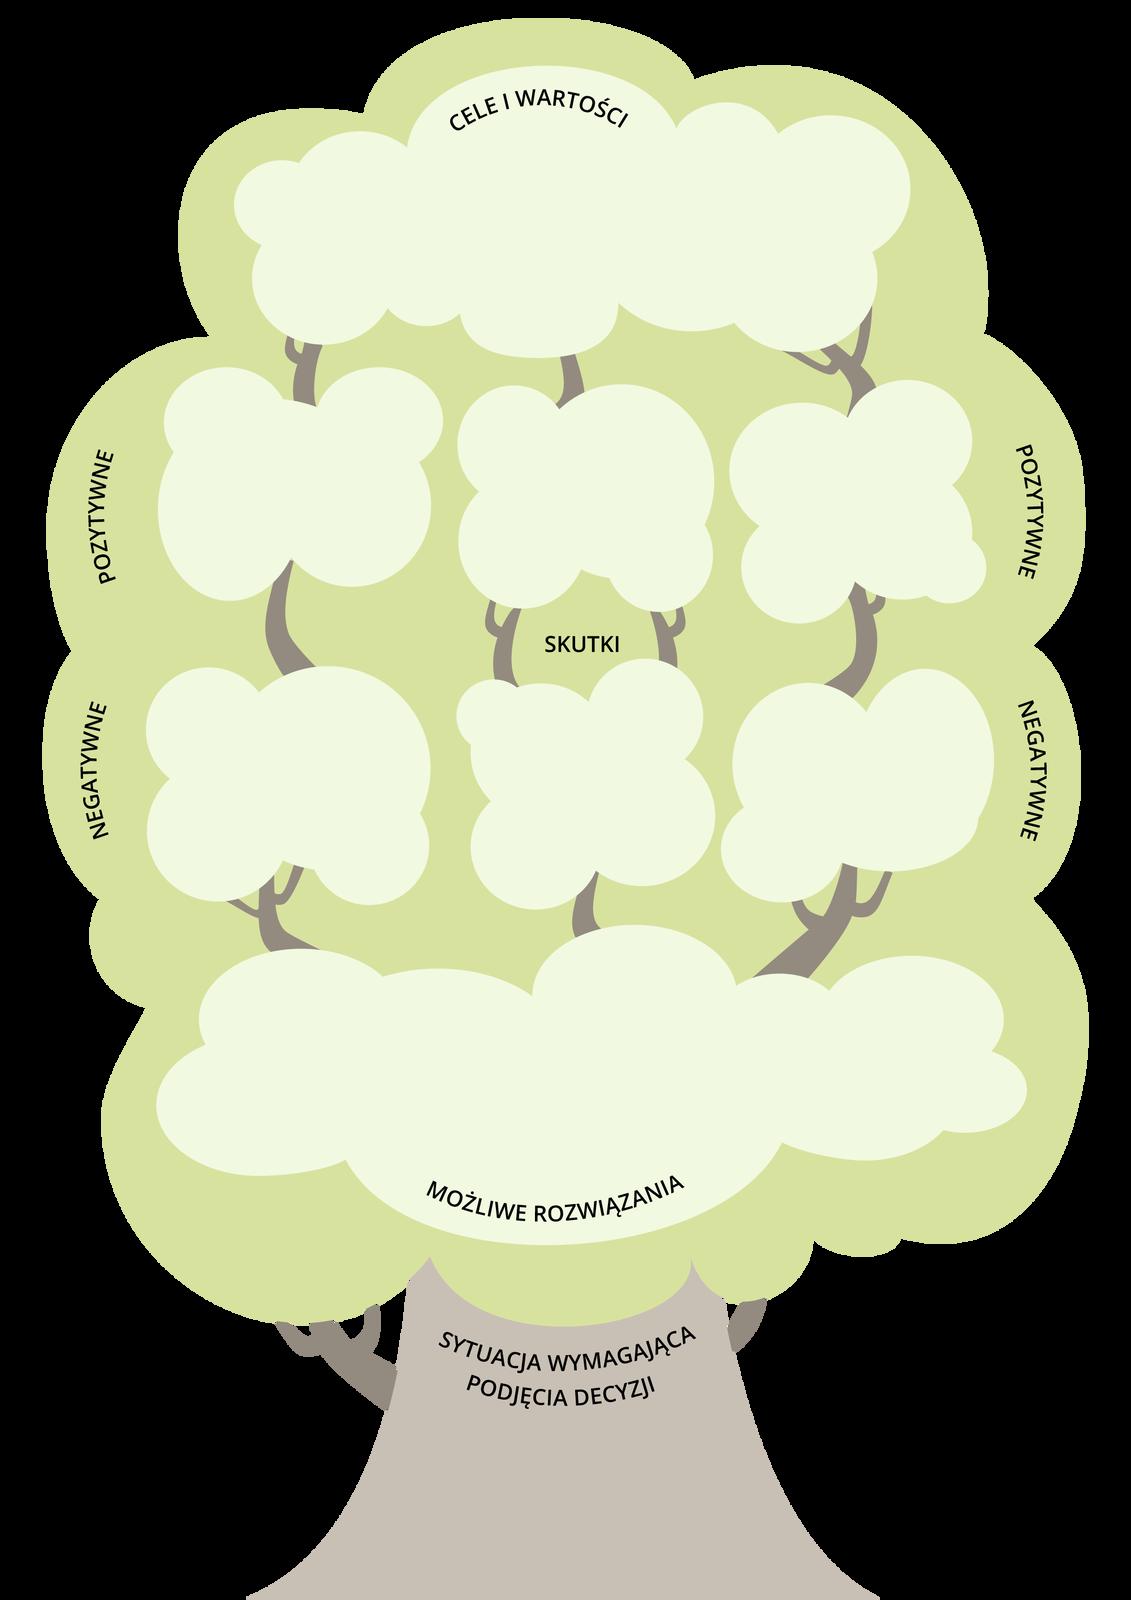 Drzewko decyzyjne